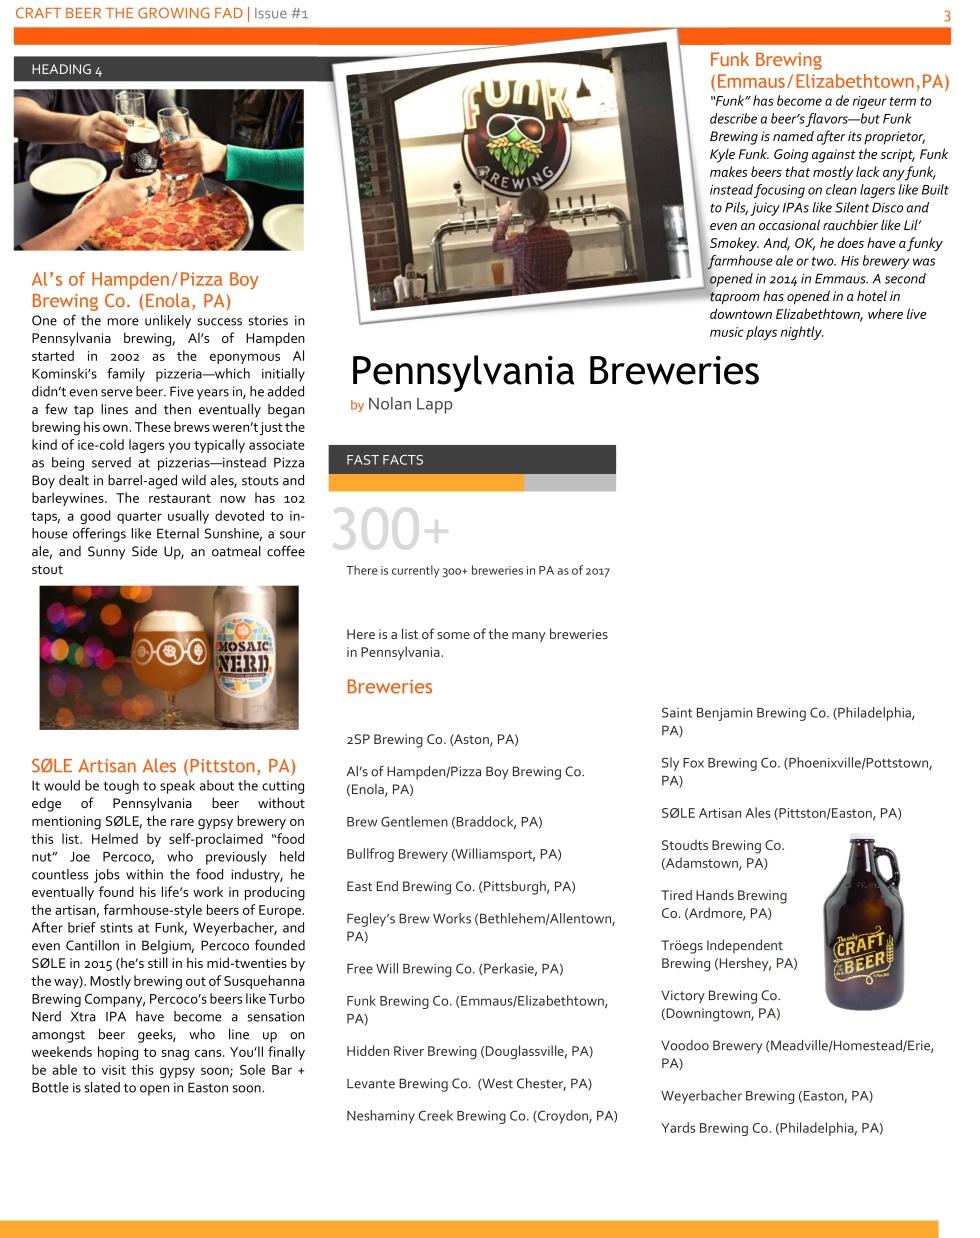 Craft Beer pg 3